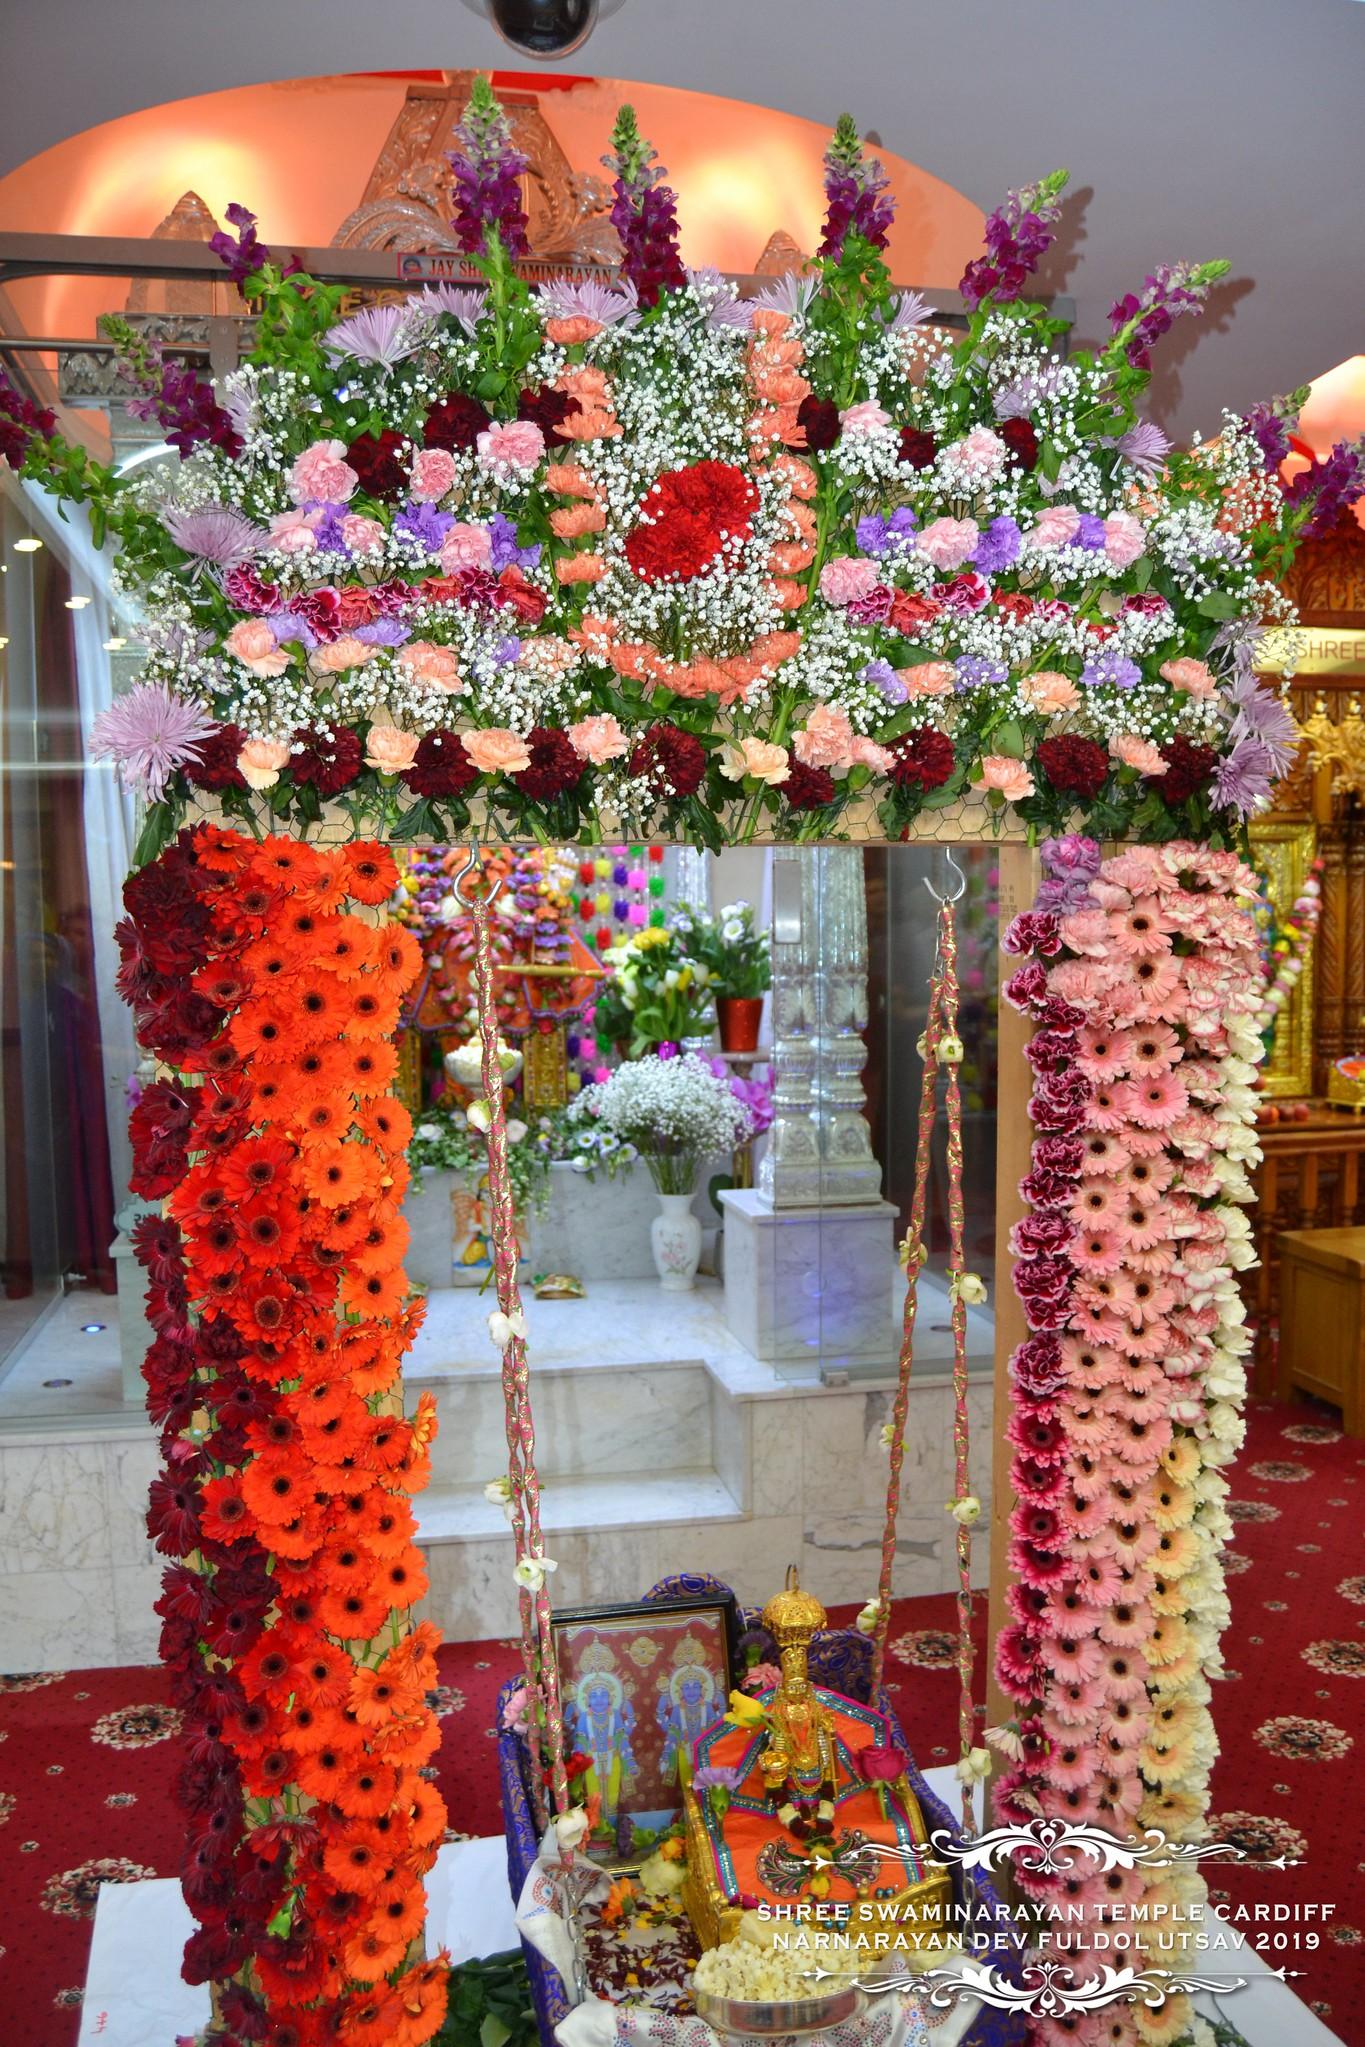 NarNarayan Dev Jayanti - Fuldol Utsav